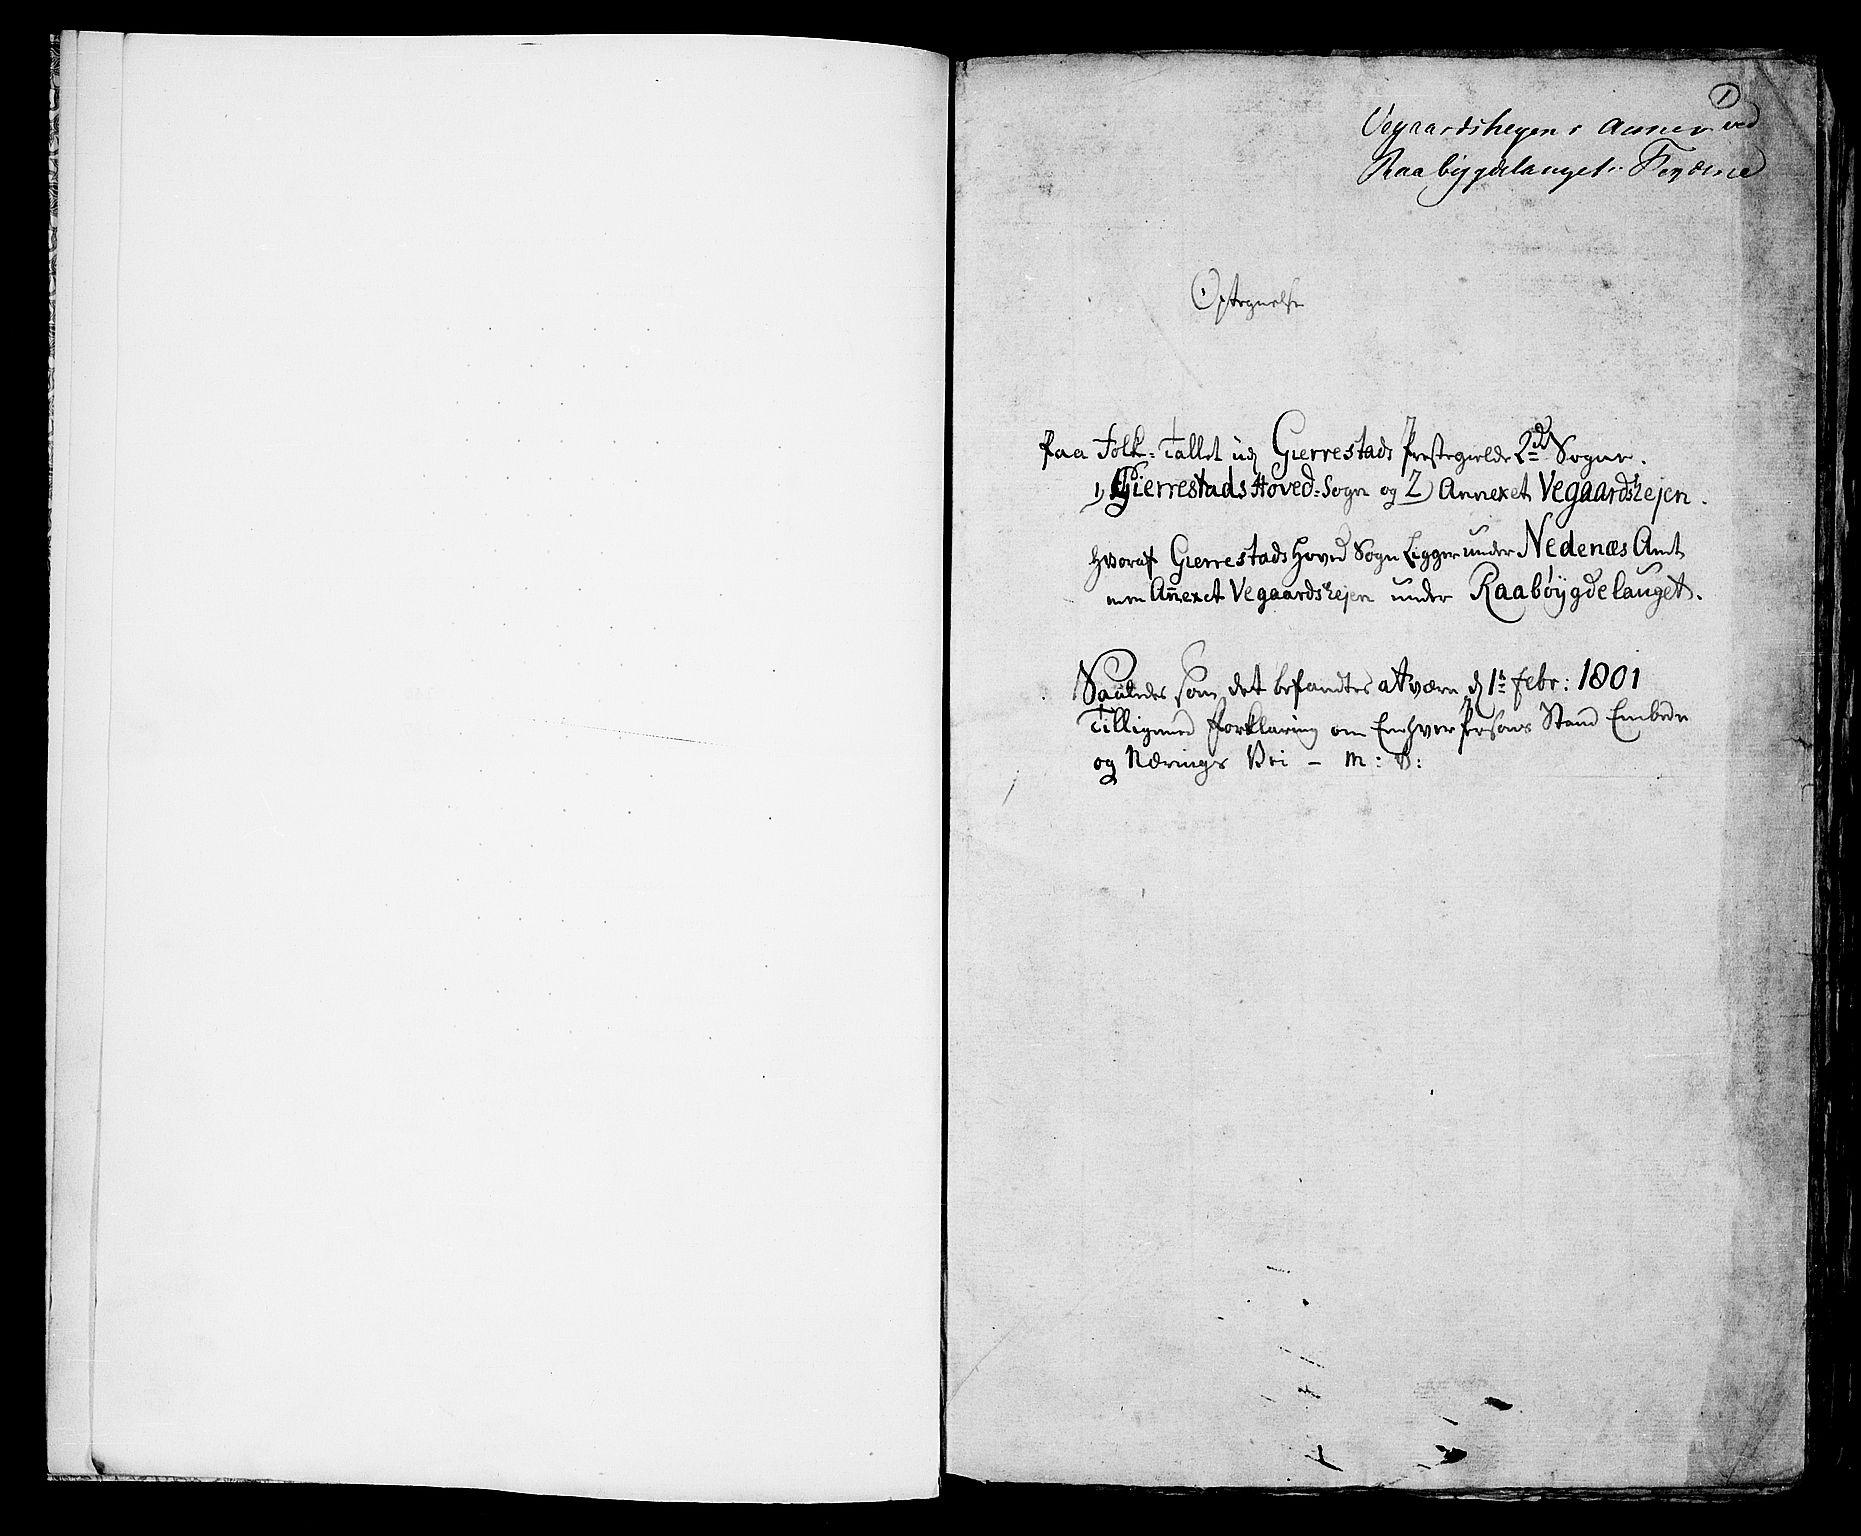 RA, Folketelling 1801 for 0911P Gjerstad prestegjeld, 1801, s. 1a